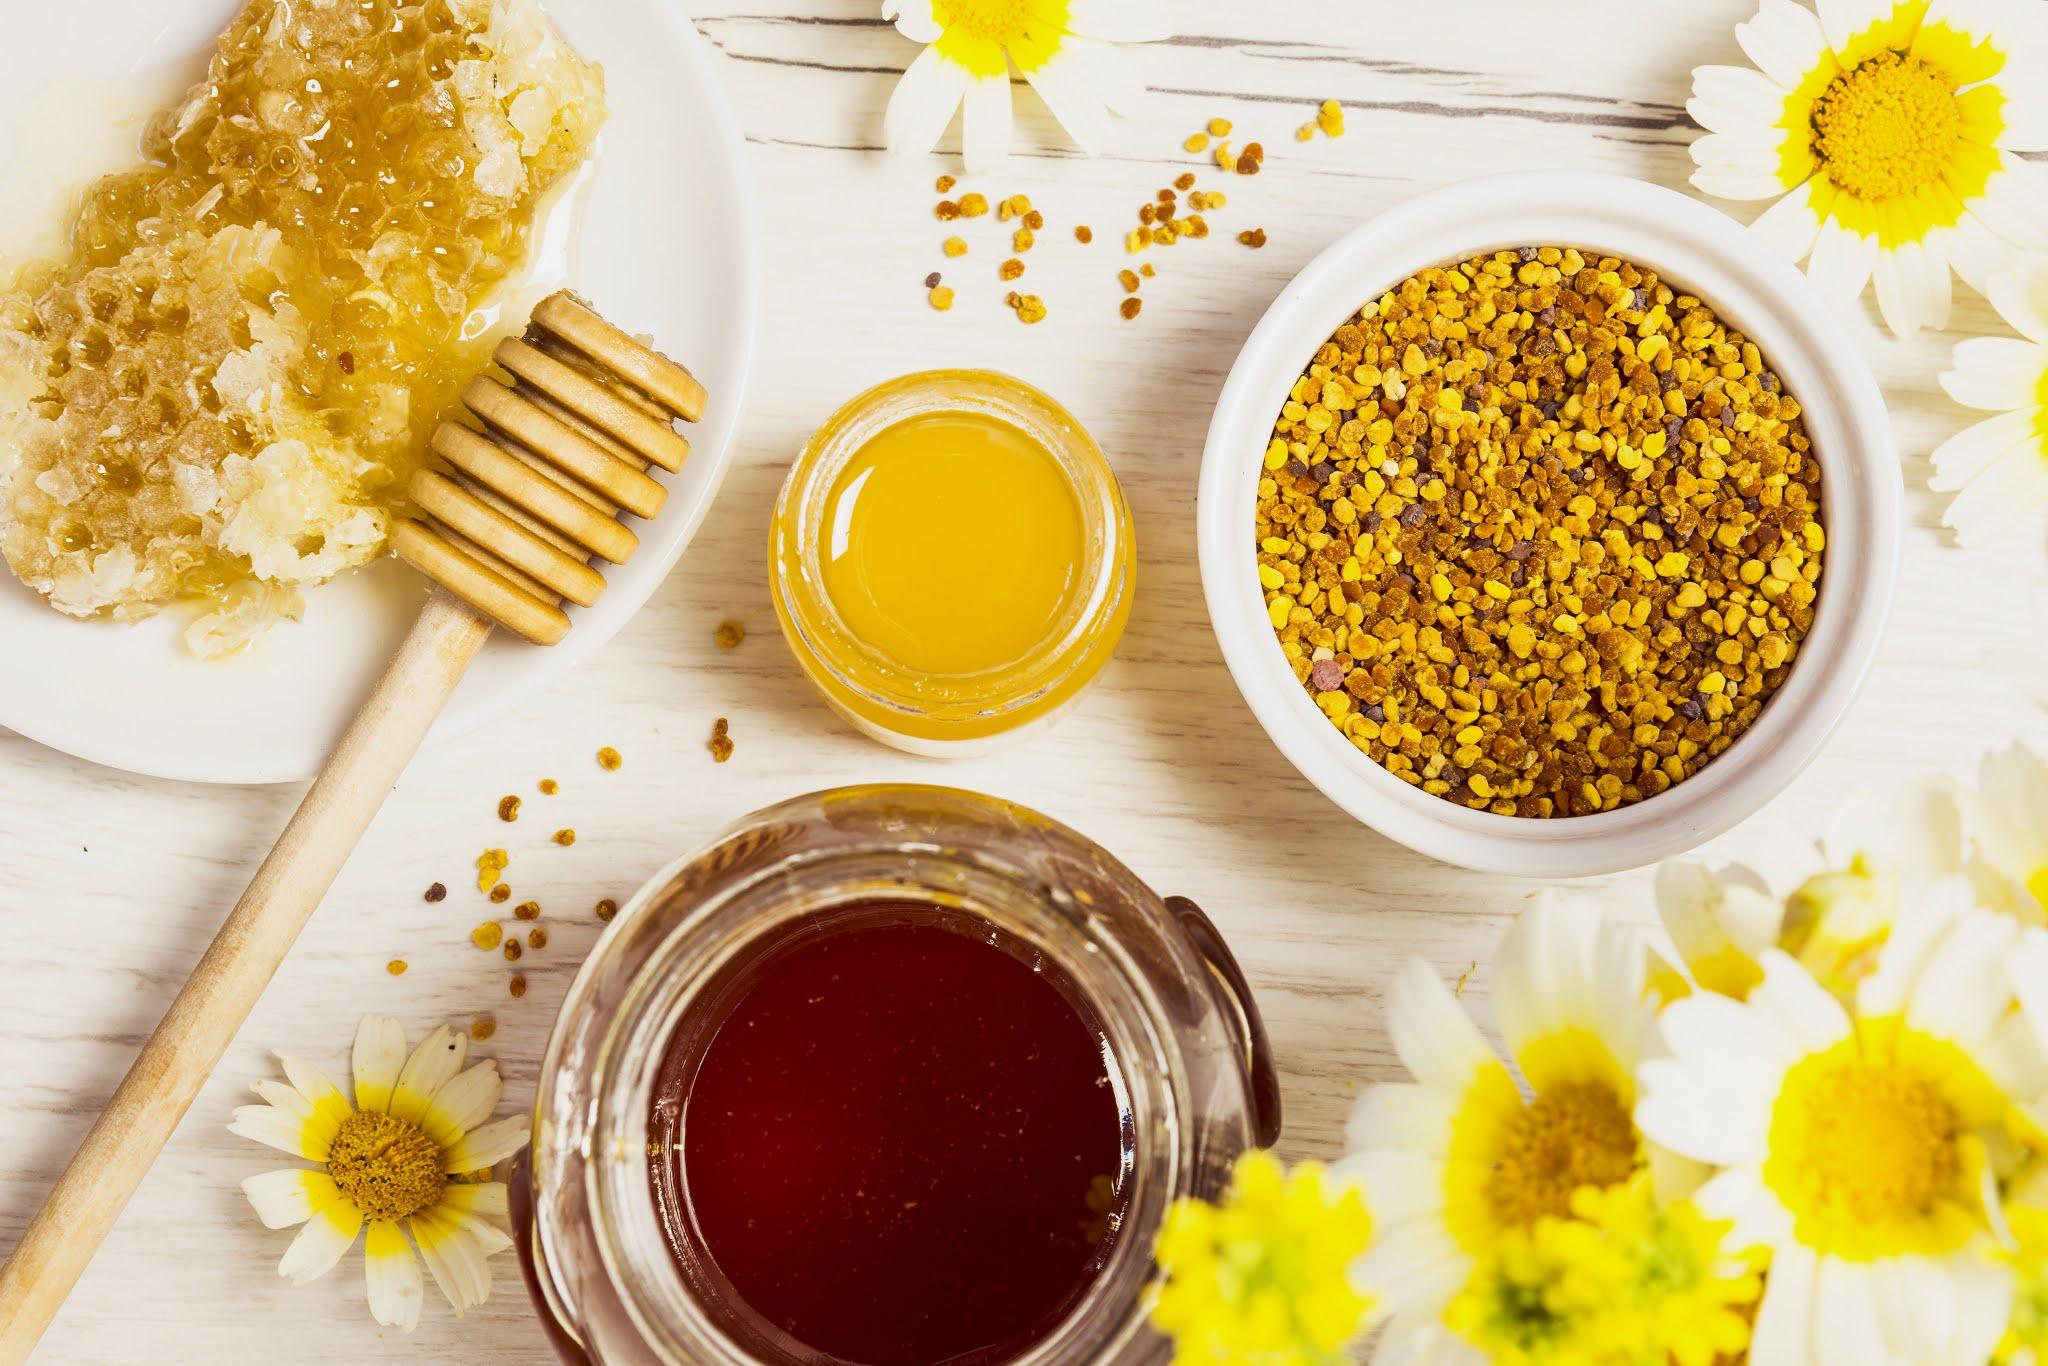 Da trẻ khoẻ: hãy tập trung vào sản phẩm chứa jelly (sữa ong) và propolis (keo ong)